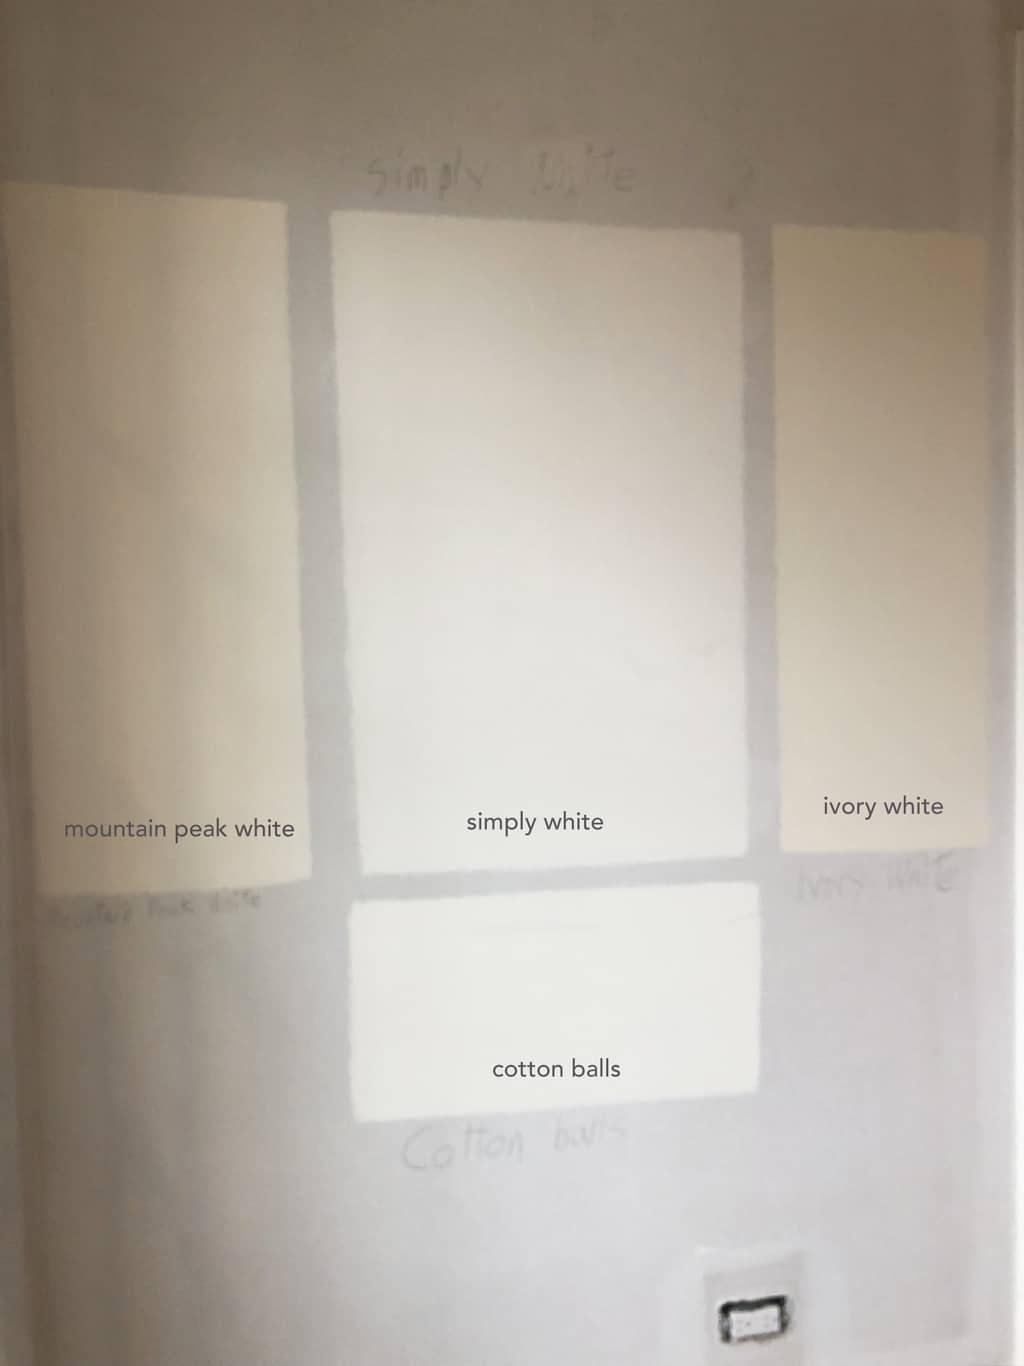 warm+white+paint+cotton+balls+simply+white